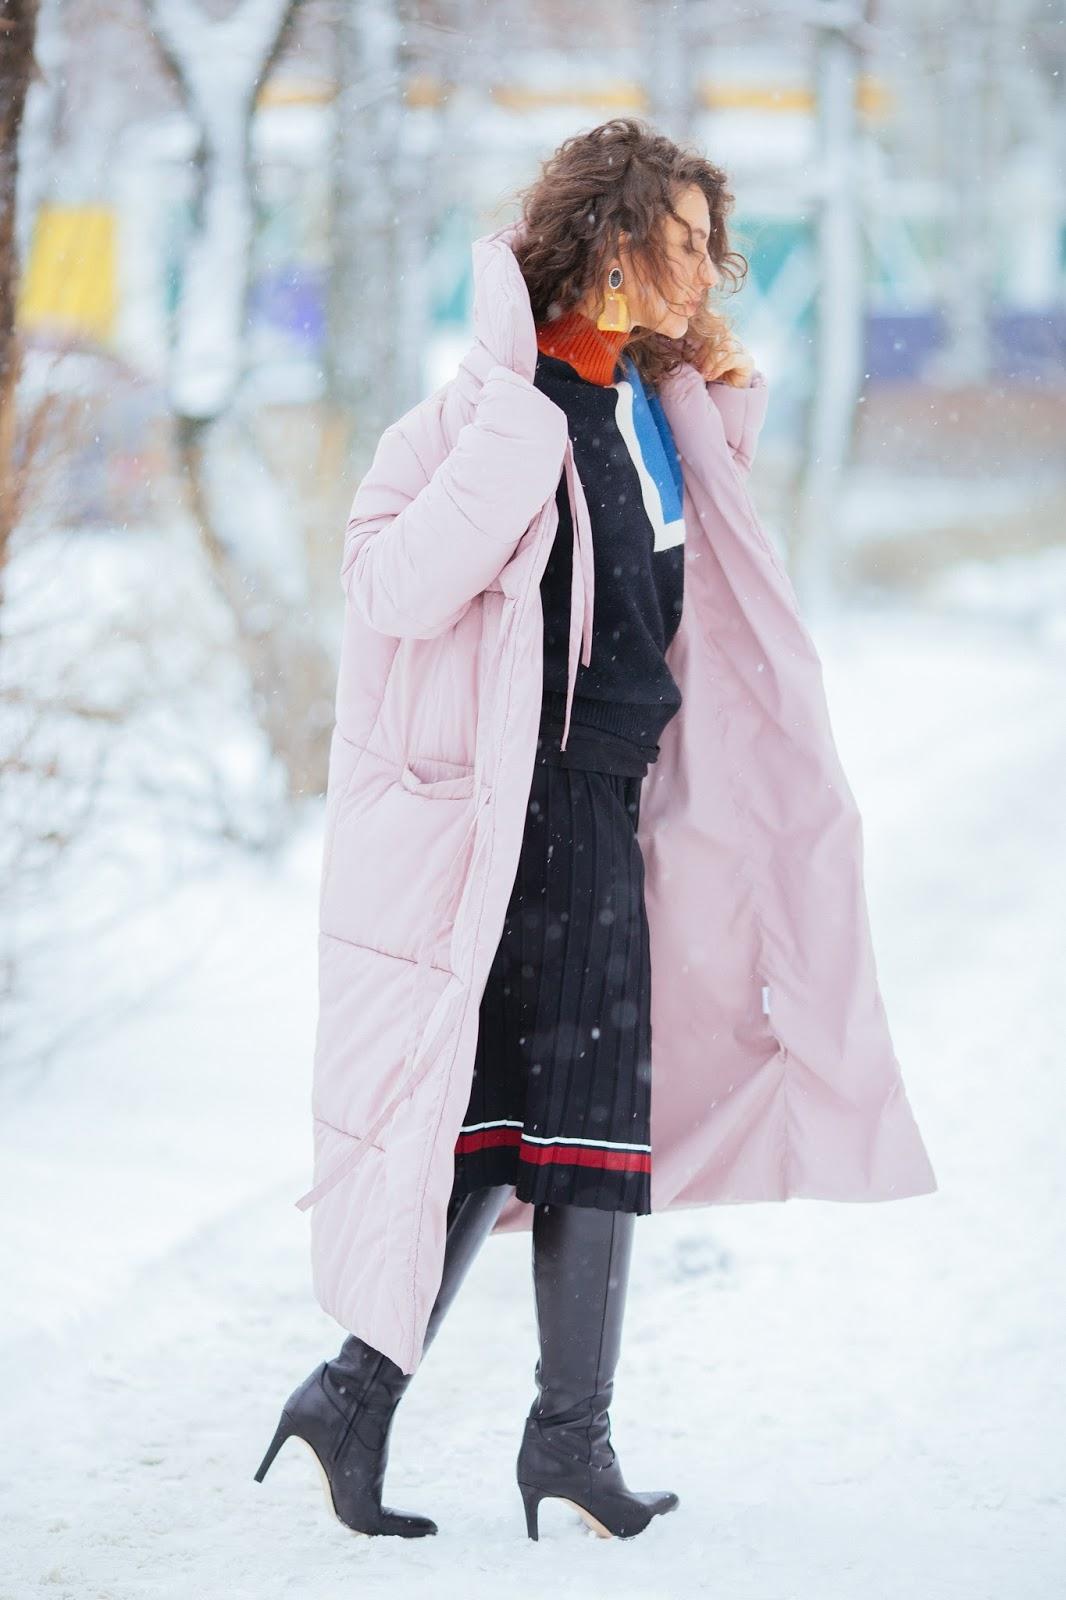 теплый лук в снег